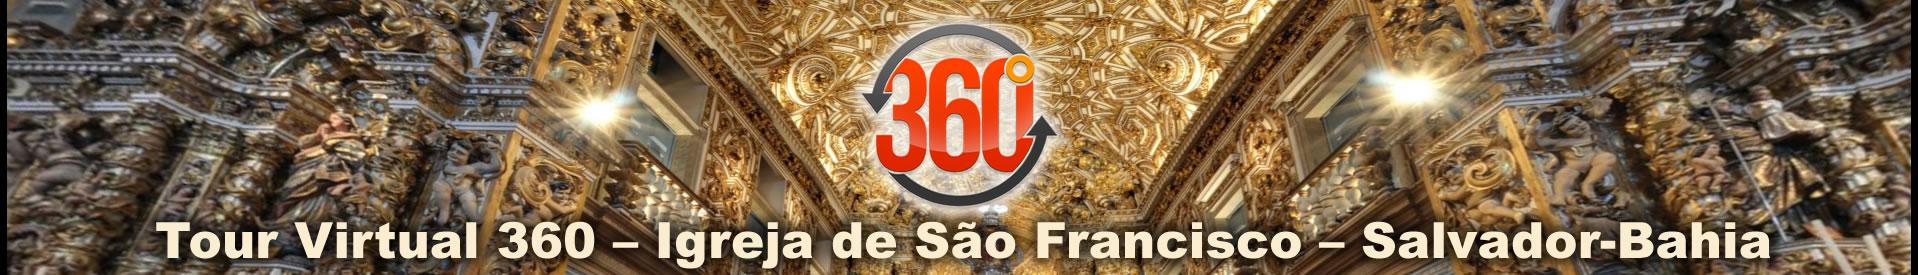 Tour Virtual 360 – Igreja de São Francisco – Salvador-Bahia